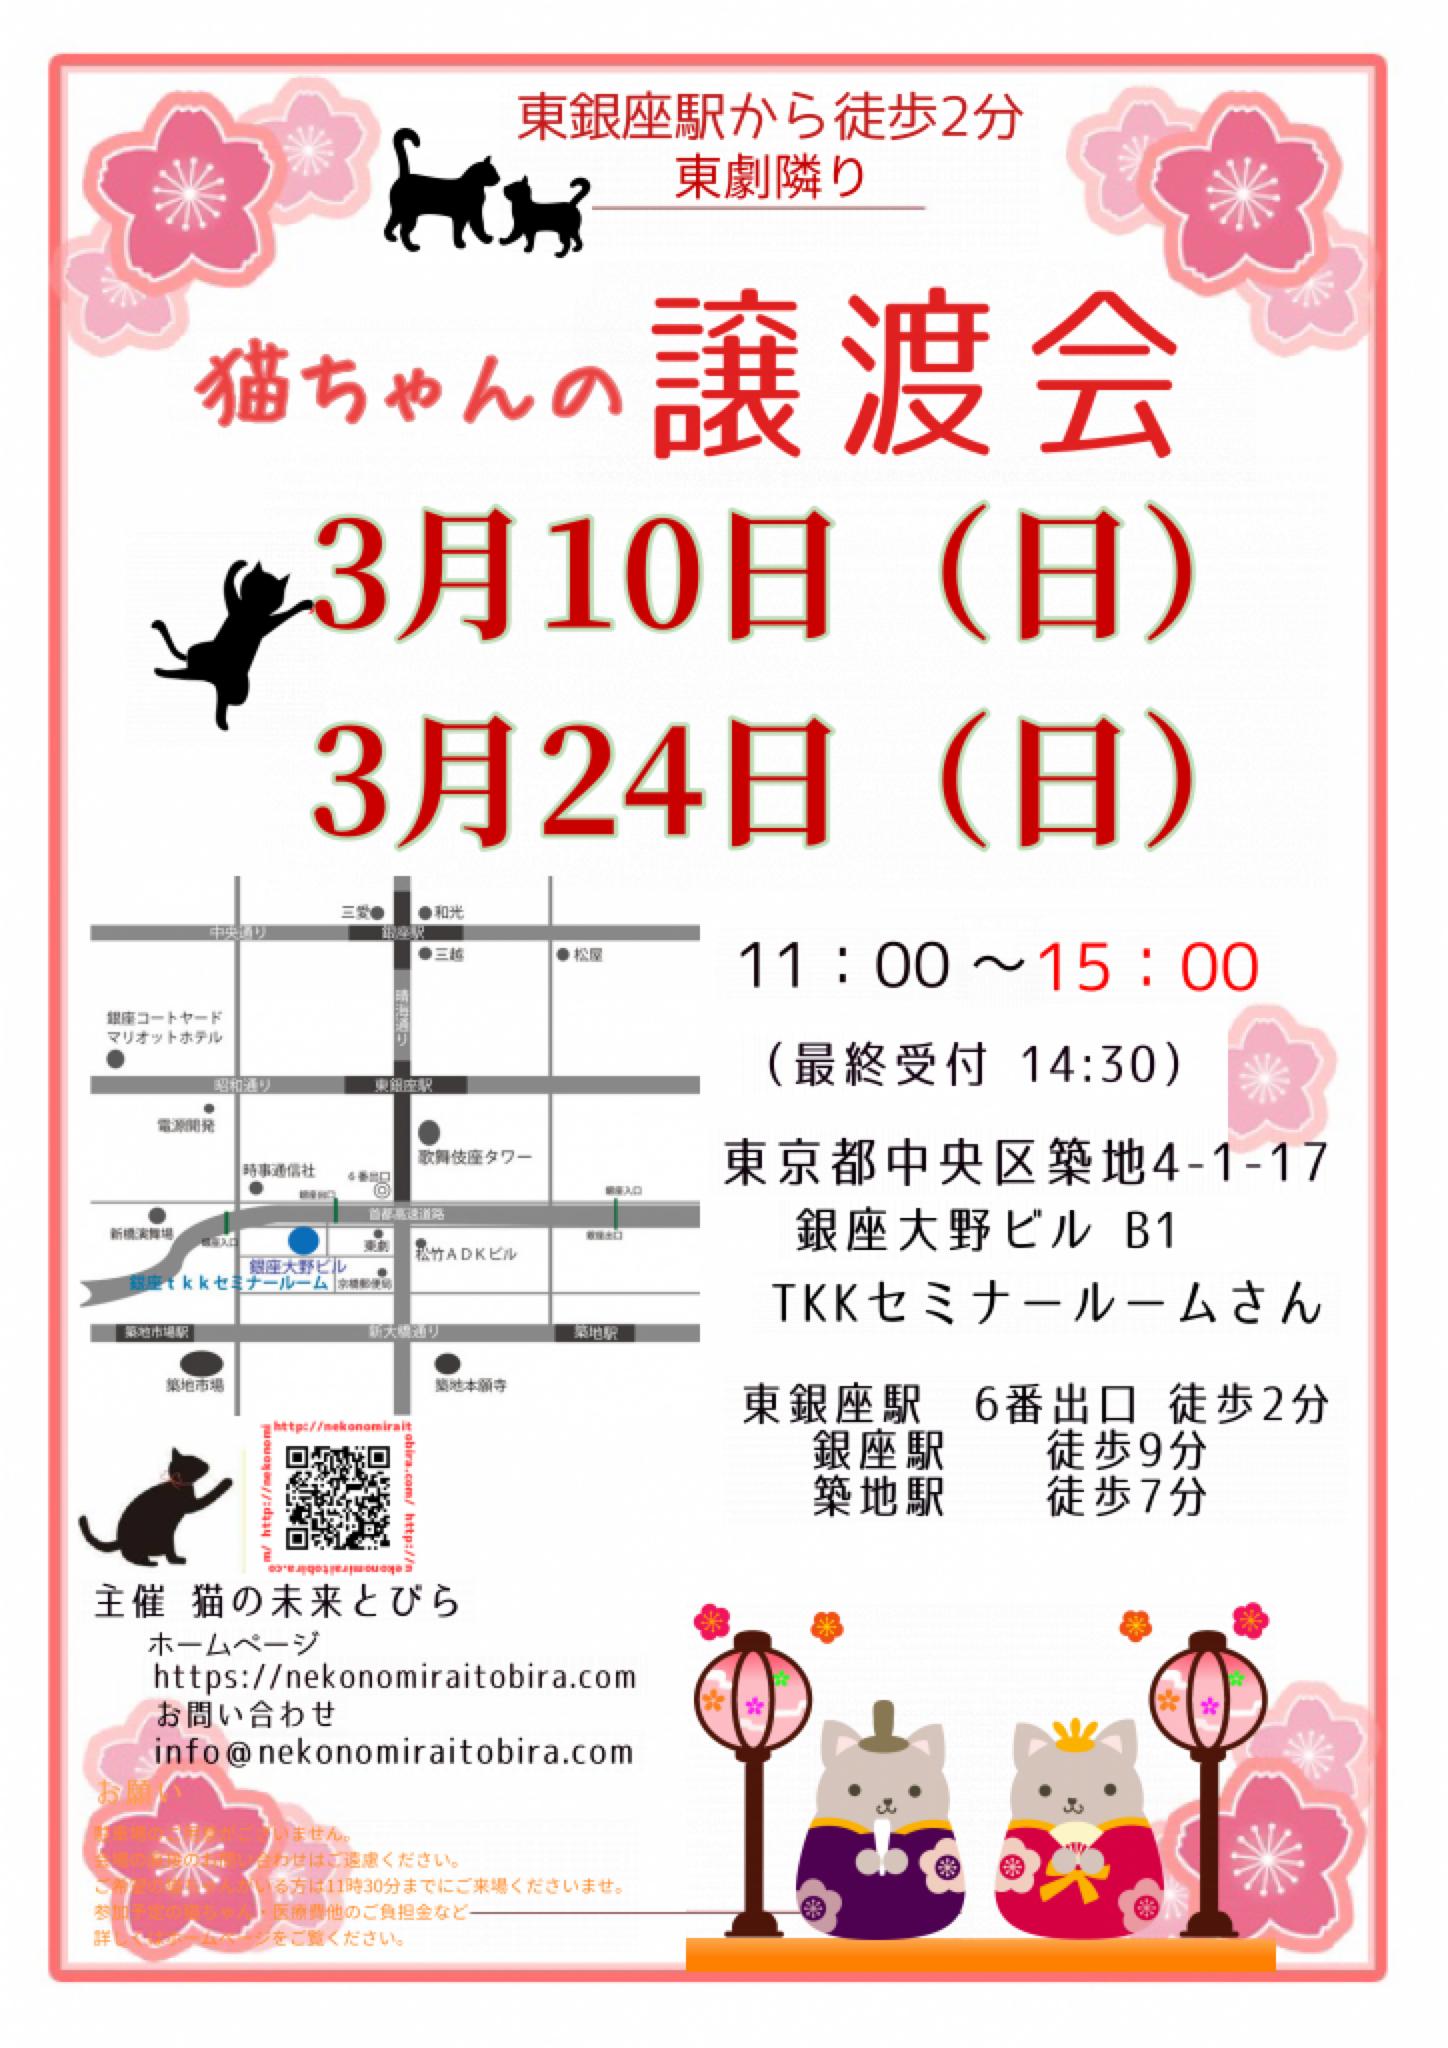 【 第29回】 <br>東京東銀座にて ねこの譲渡会開催